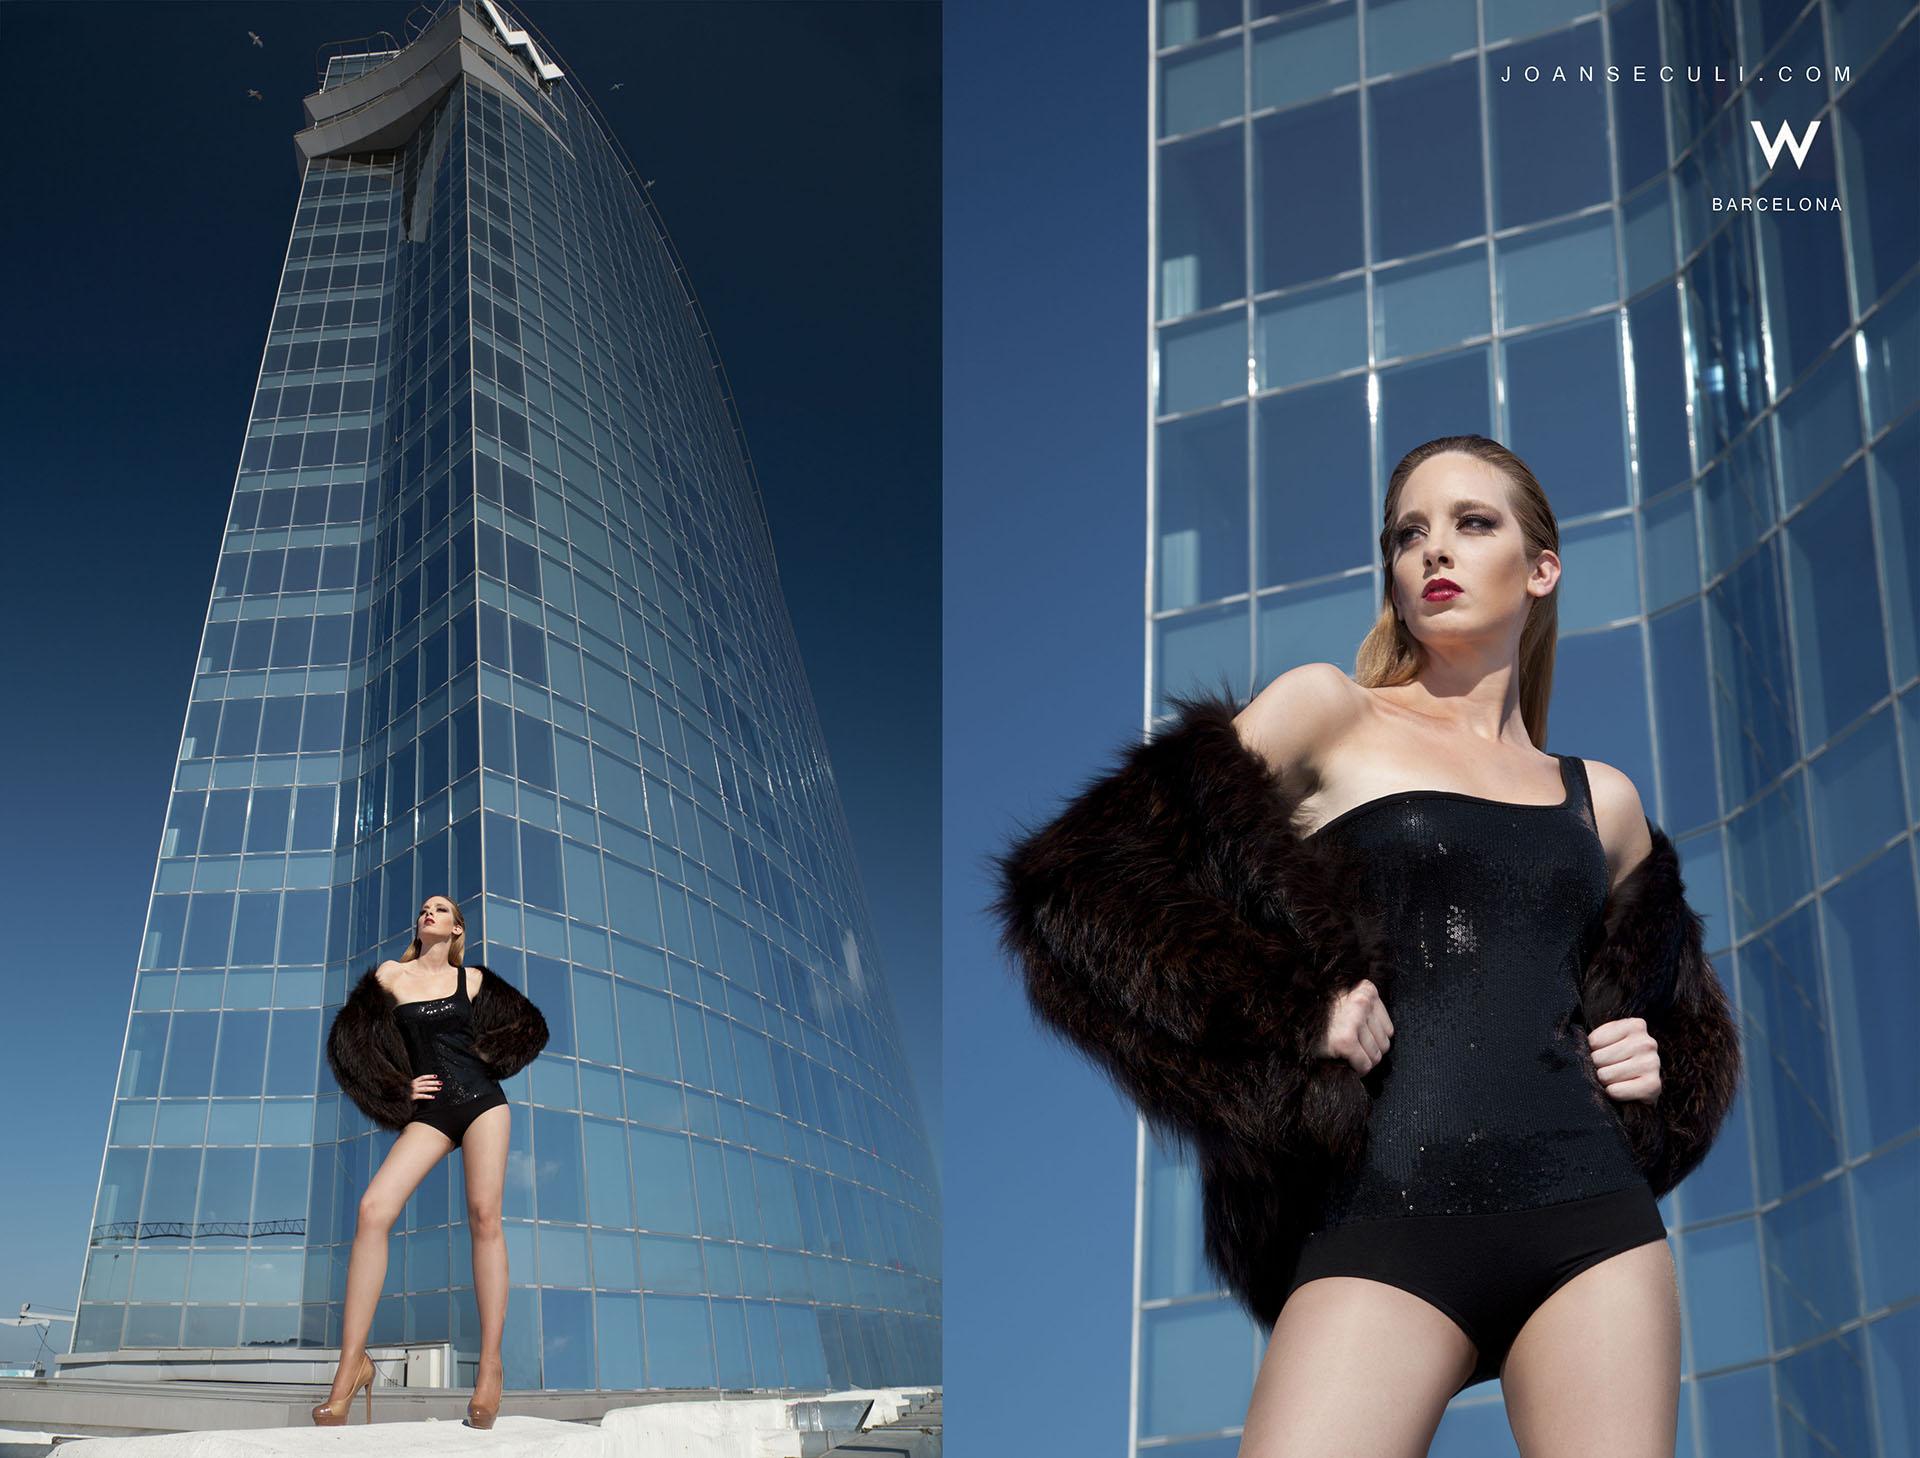 Joan Sèculi photography - Hotel W Barcelona